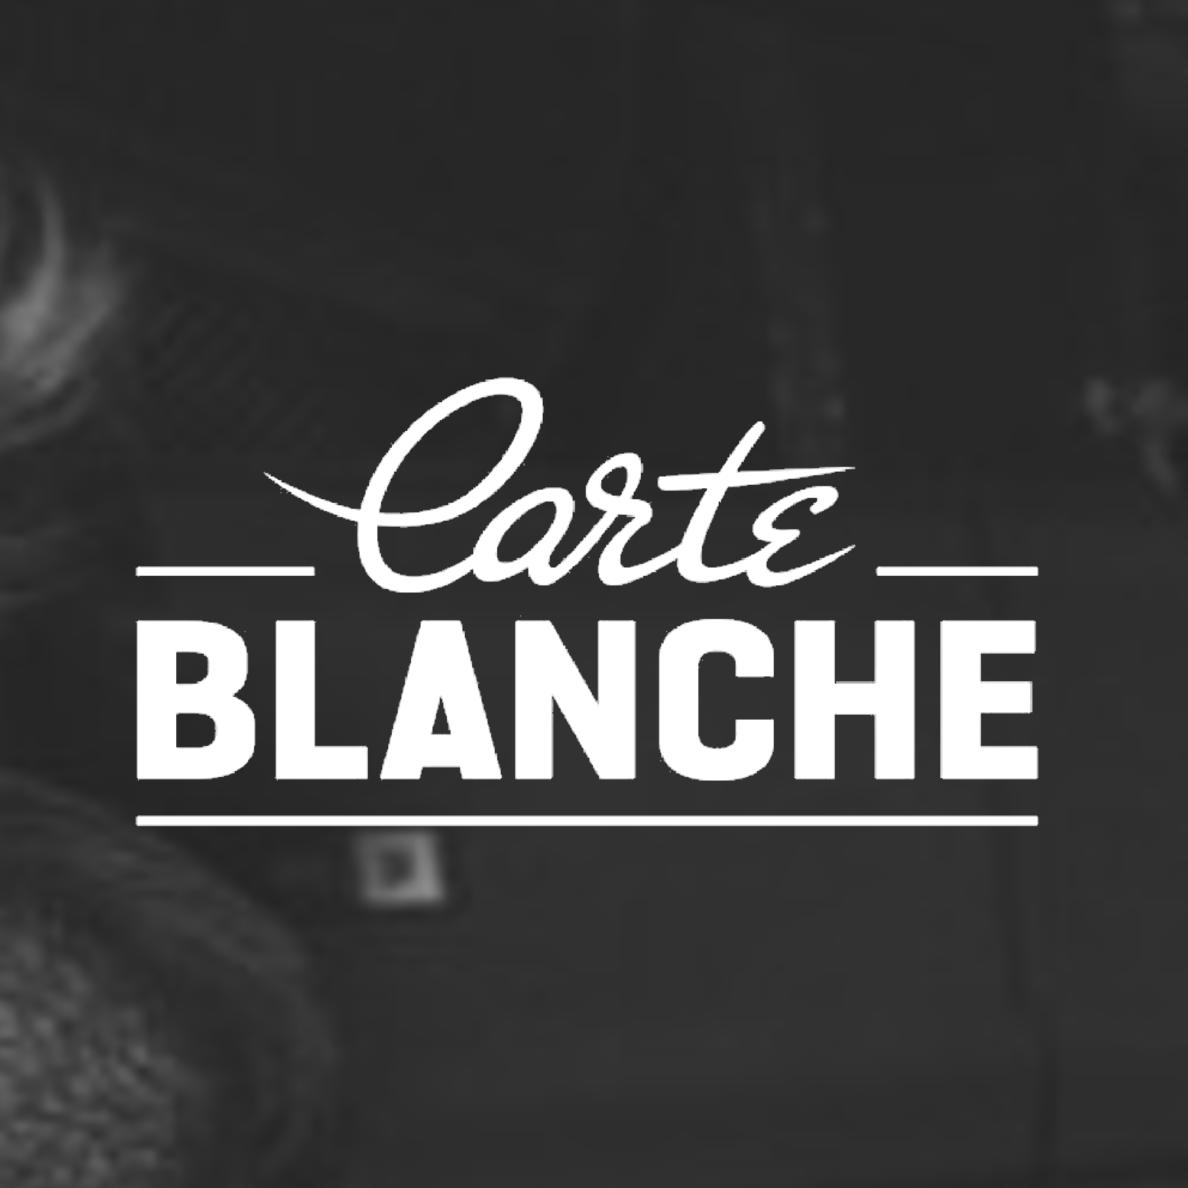 Carte Blanche: Rap & Hip Hop